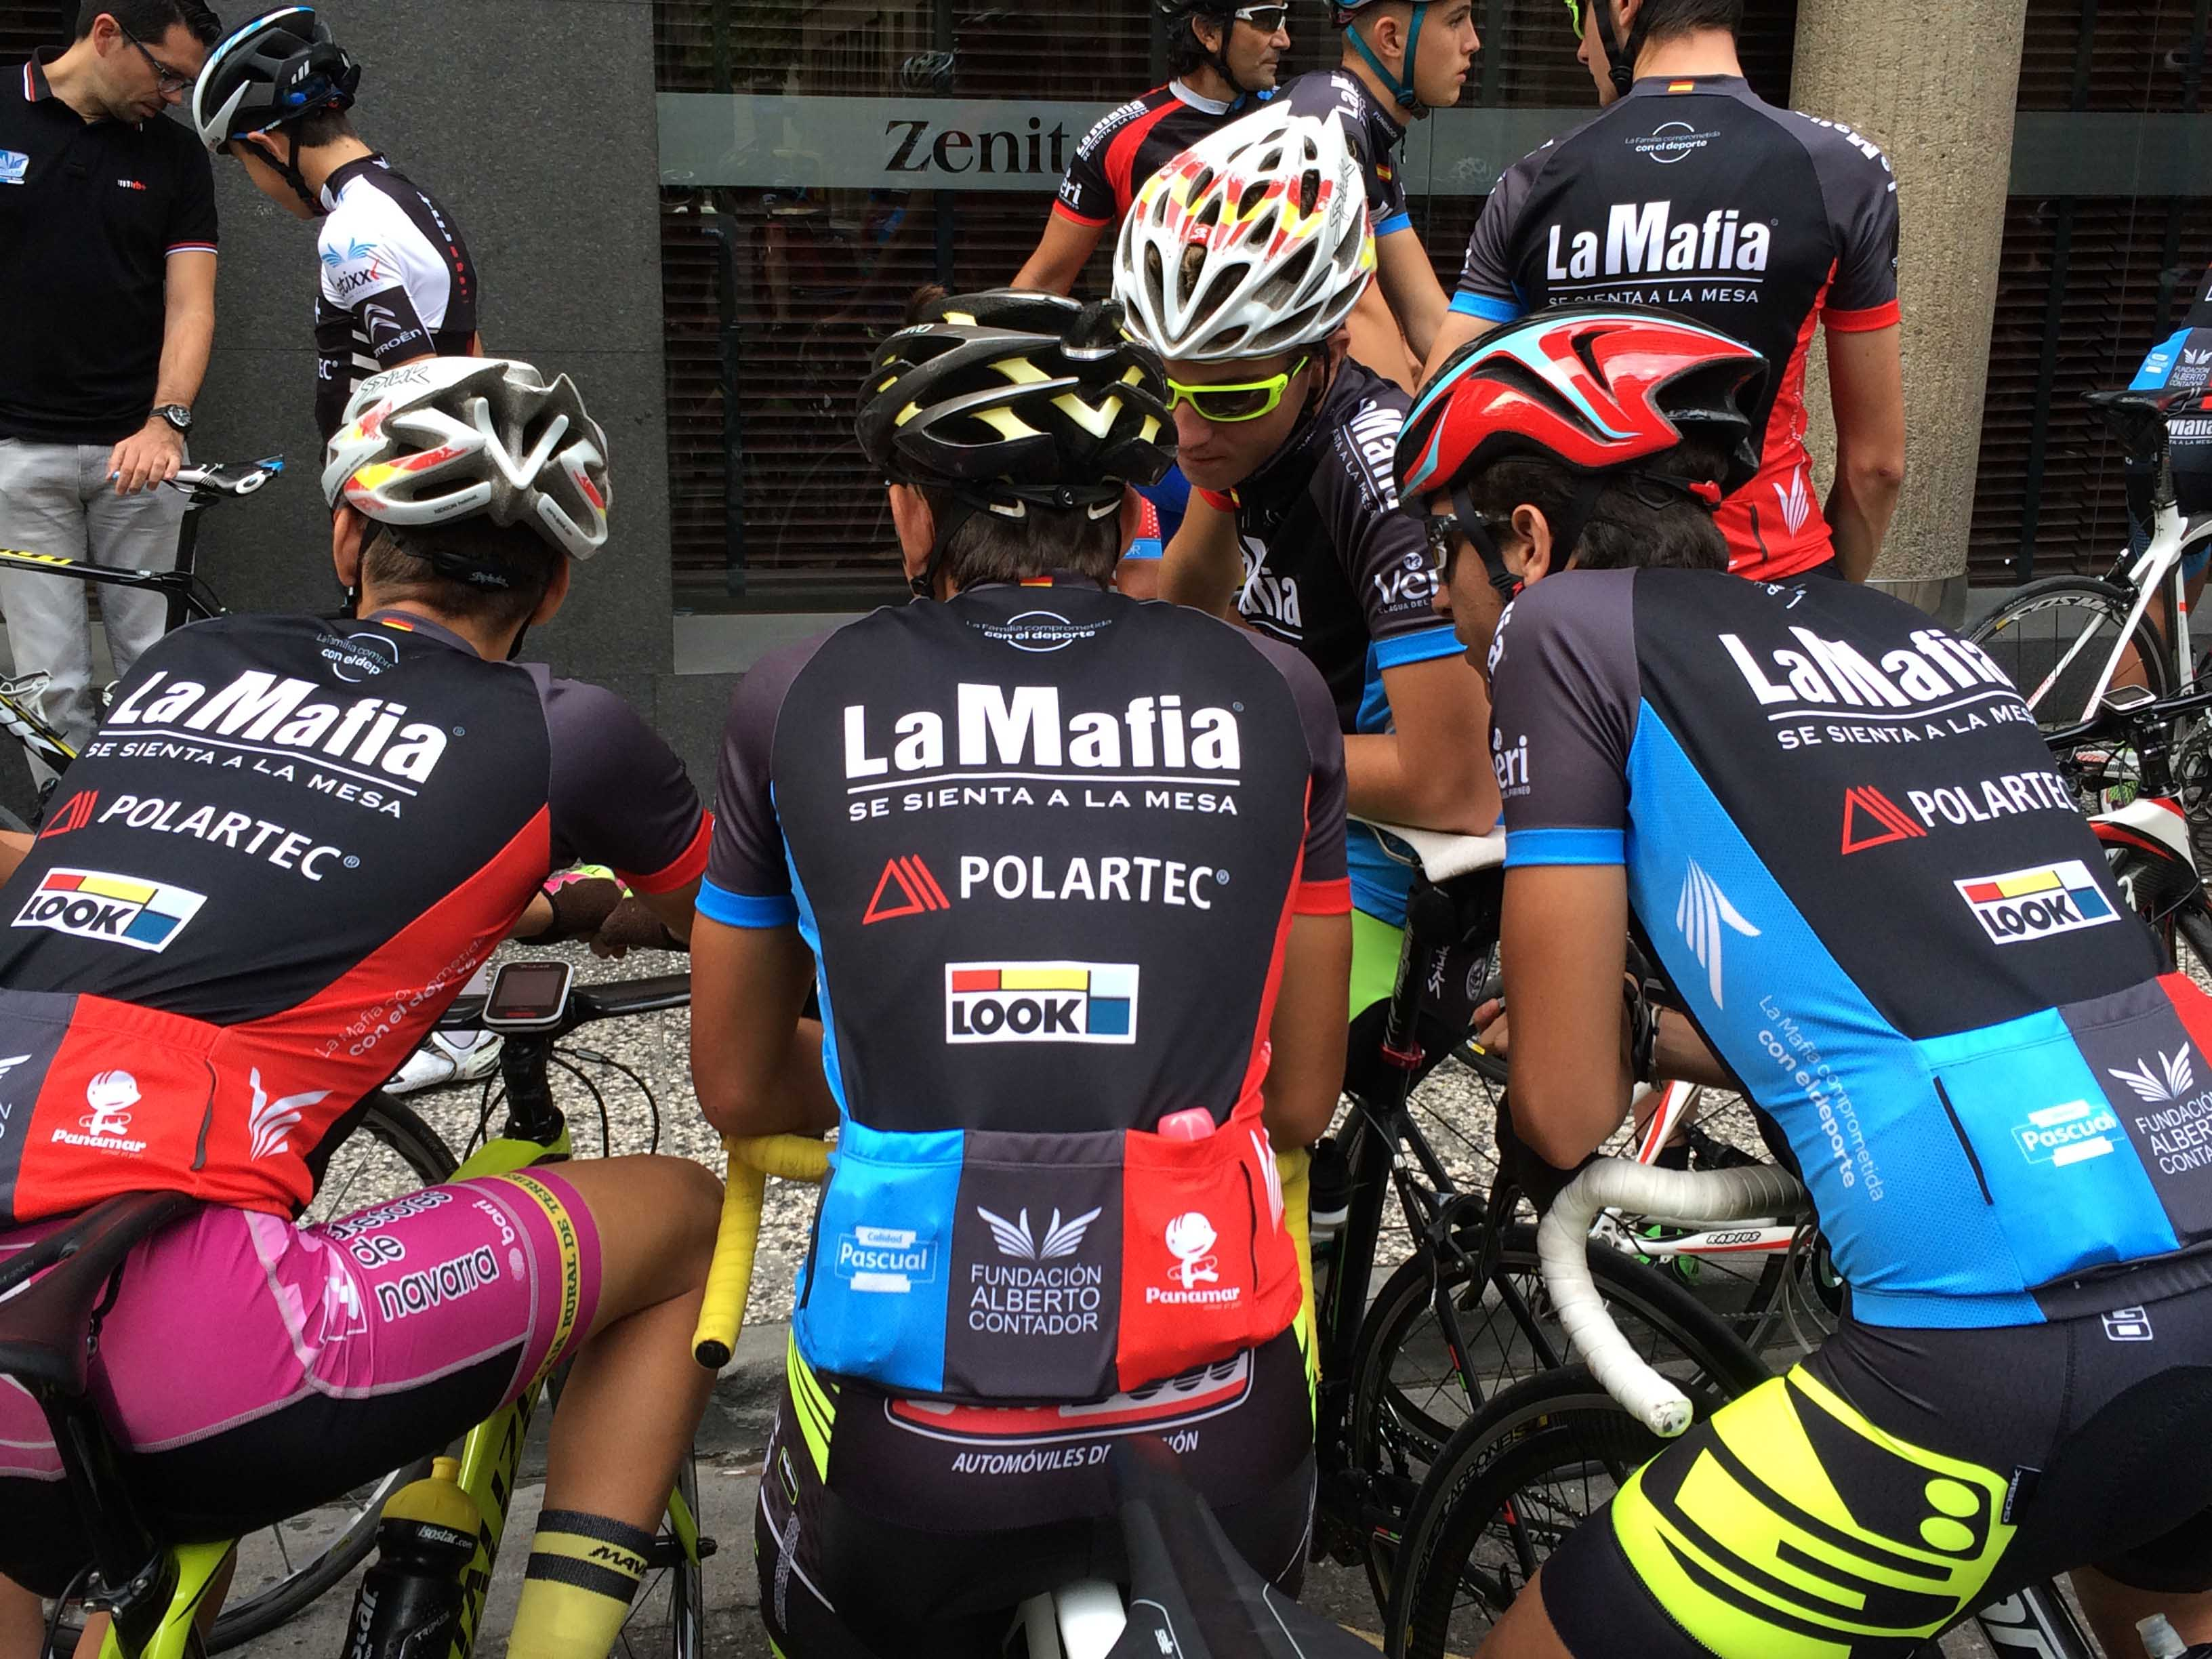 Acuerdo La Mafia 03 - Firmado el acuerdo para el avituallamiento de ciclistas de la Fundación Alberto Contador